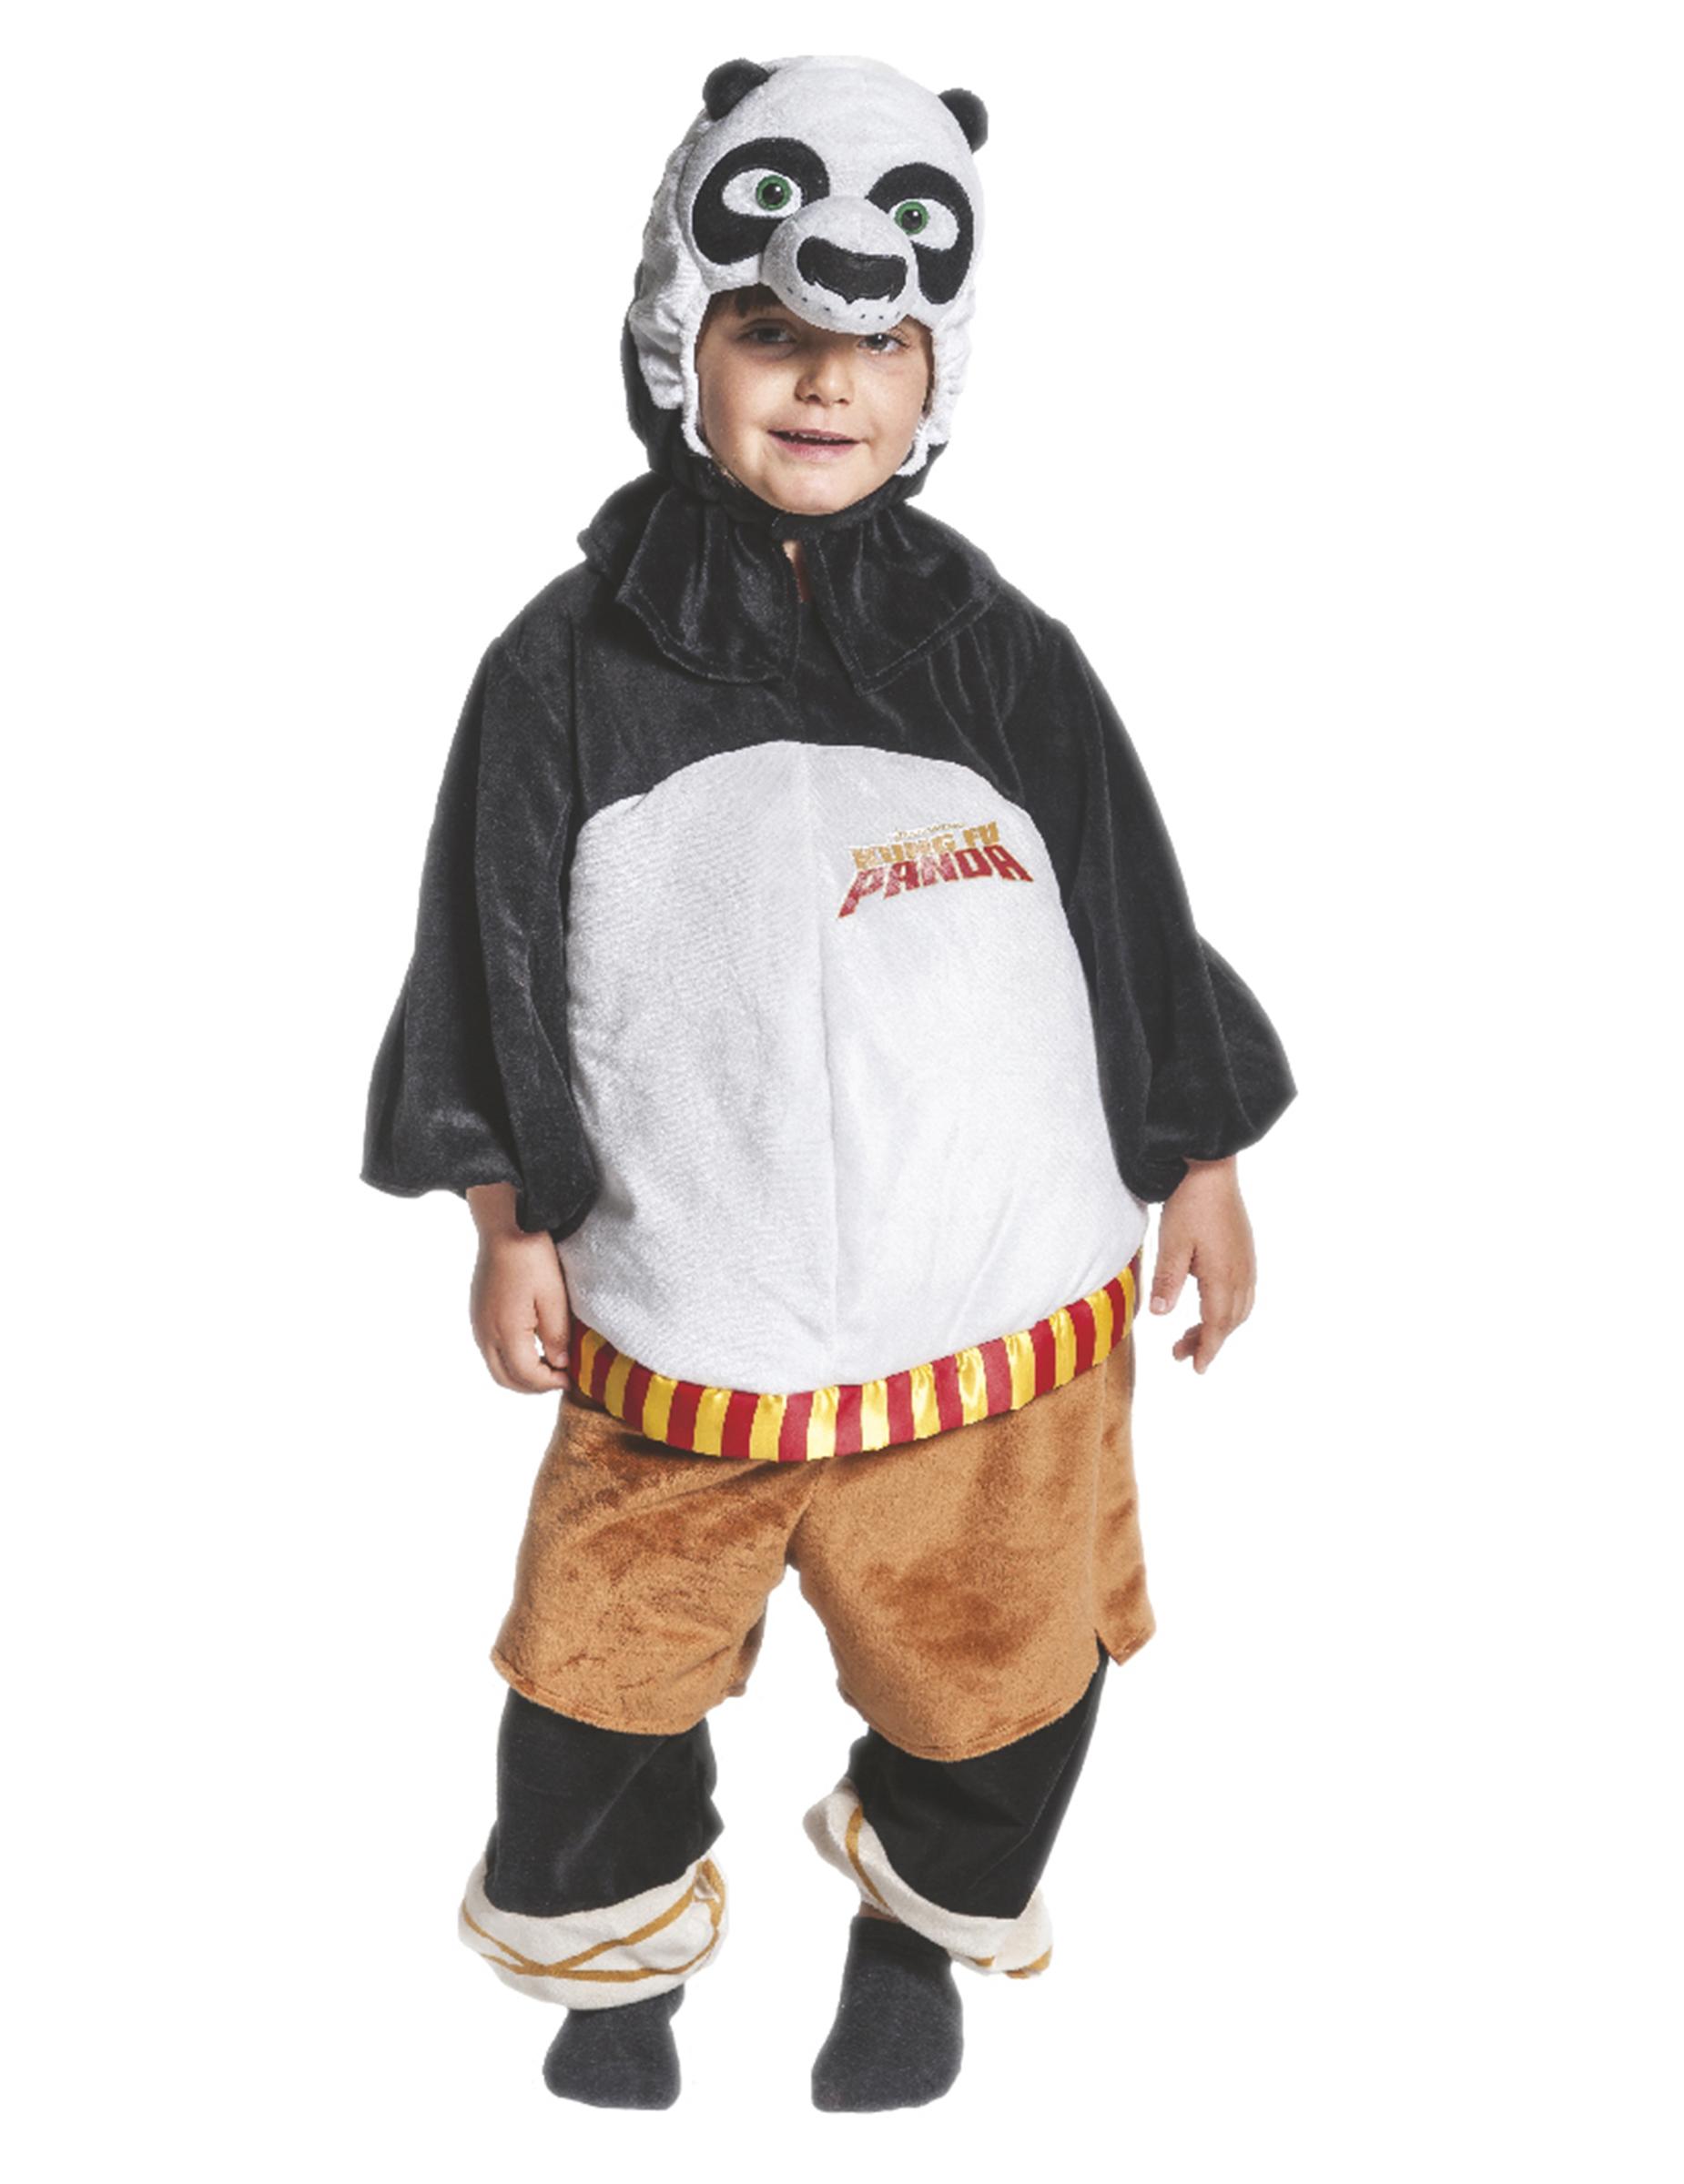 7905f17374de Costume PO - Kung Fu Panda™ bambino: Costumi bambini,e vestiti di carnevale  online - Vegaoo